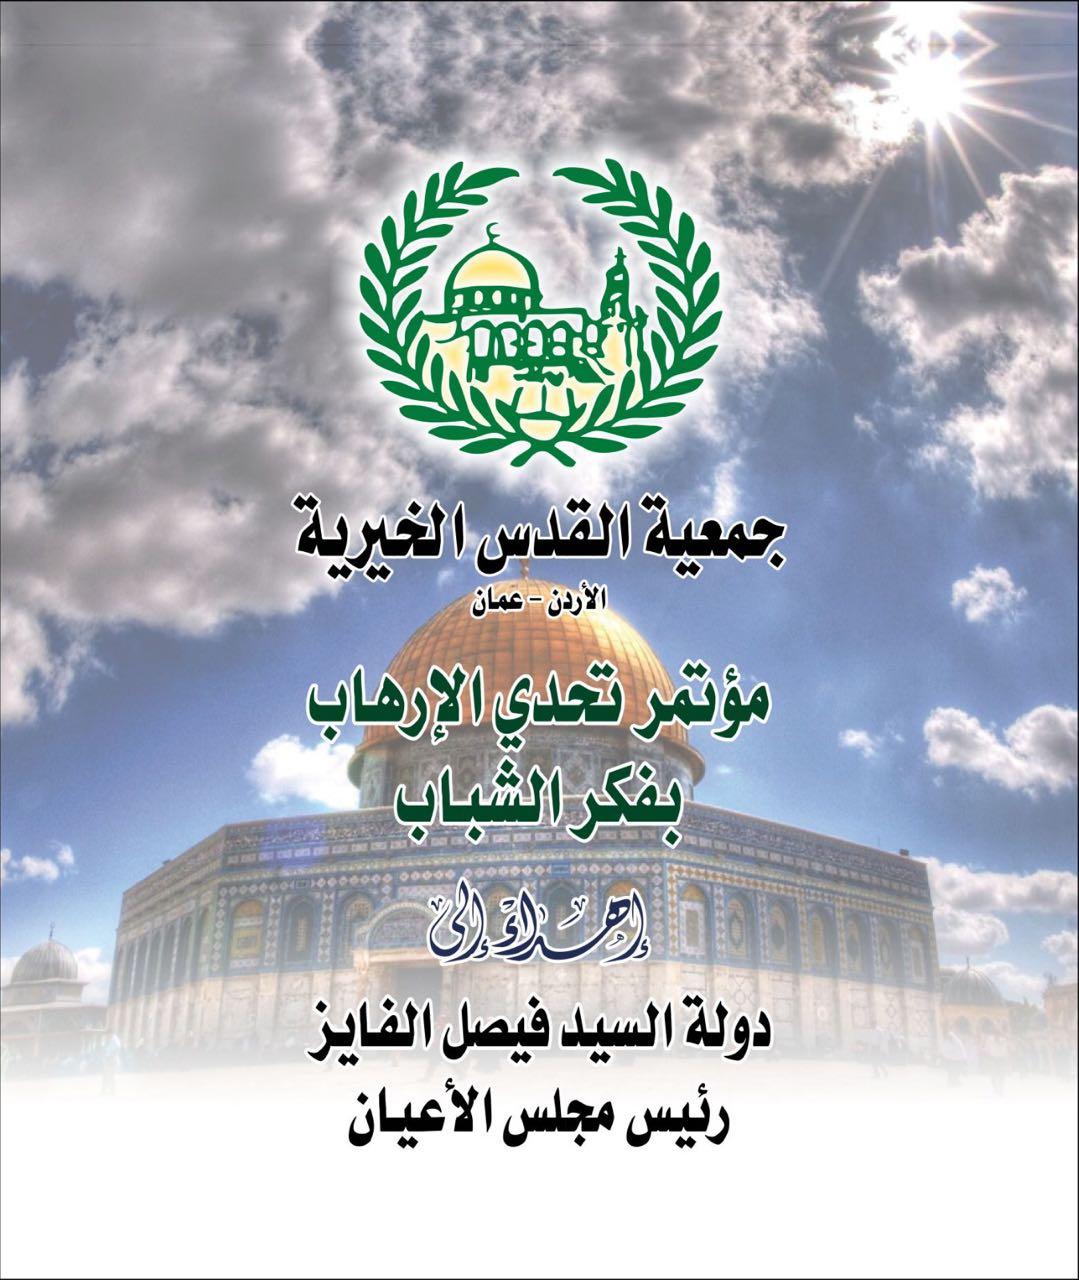 إطلاق مؤتمر تحدي الإرهاب والتطرف بفكر الشباب